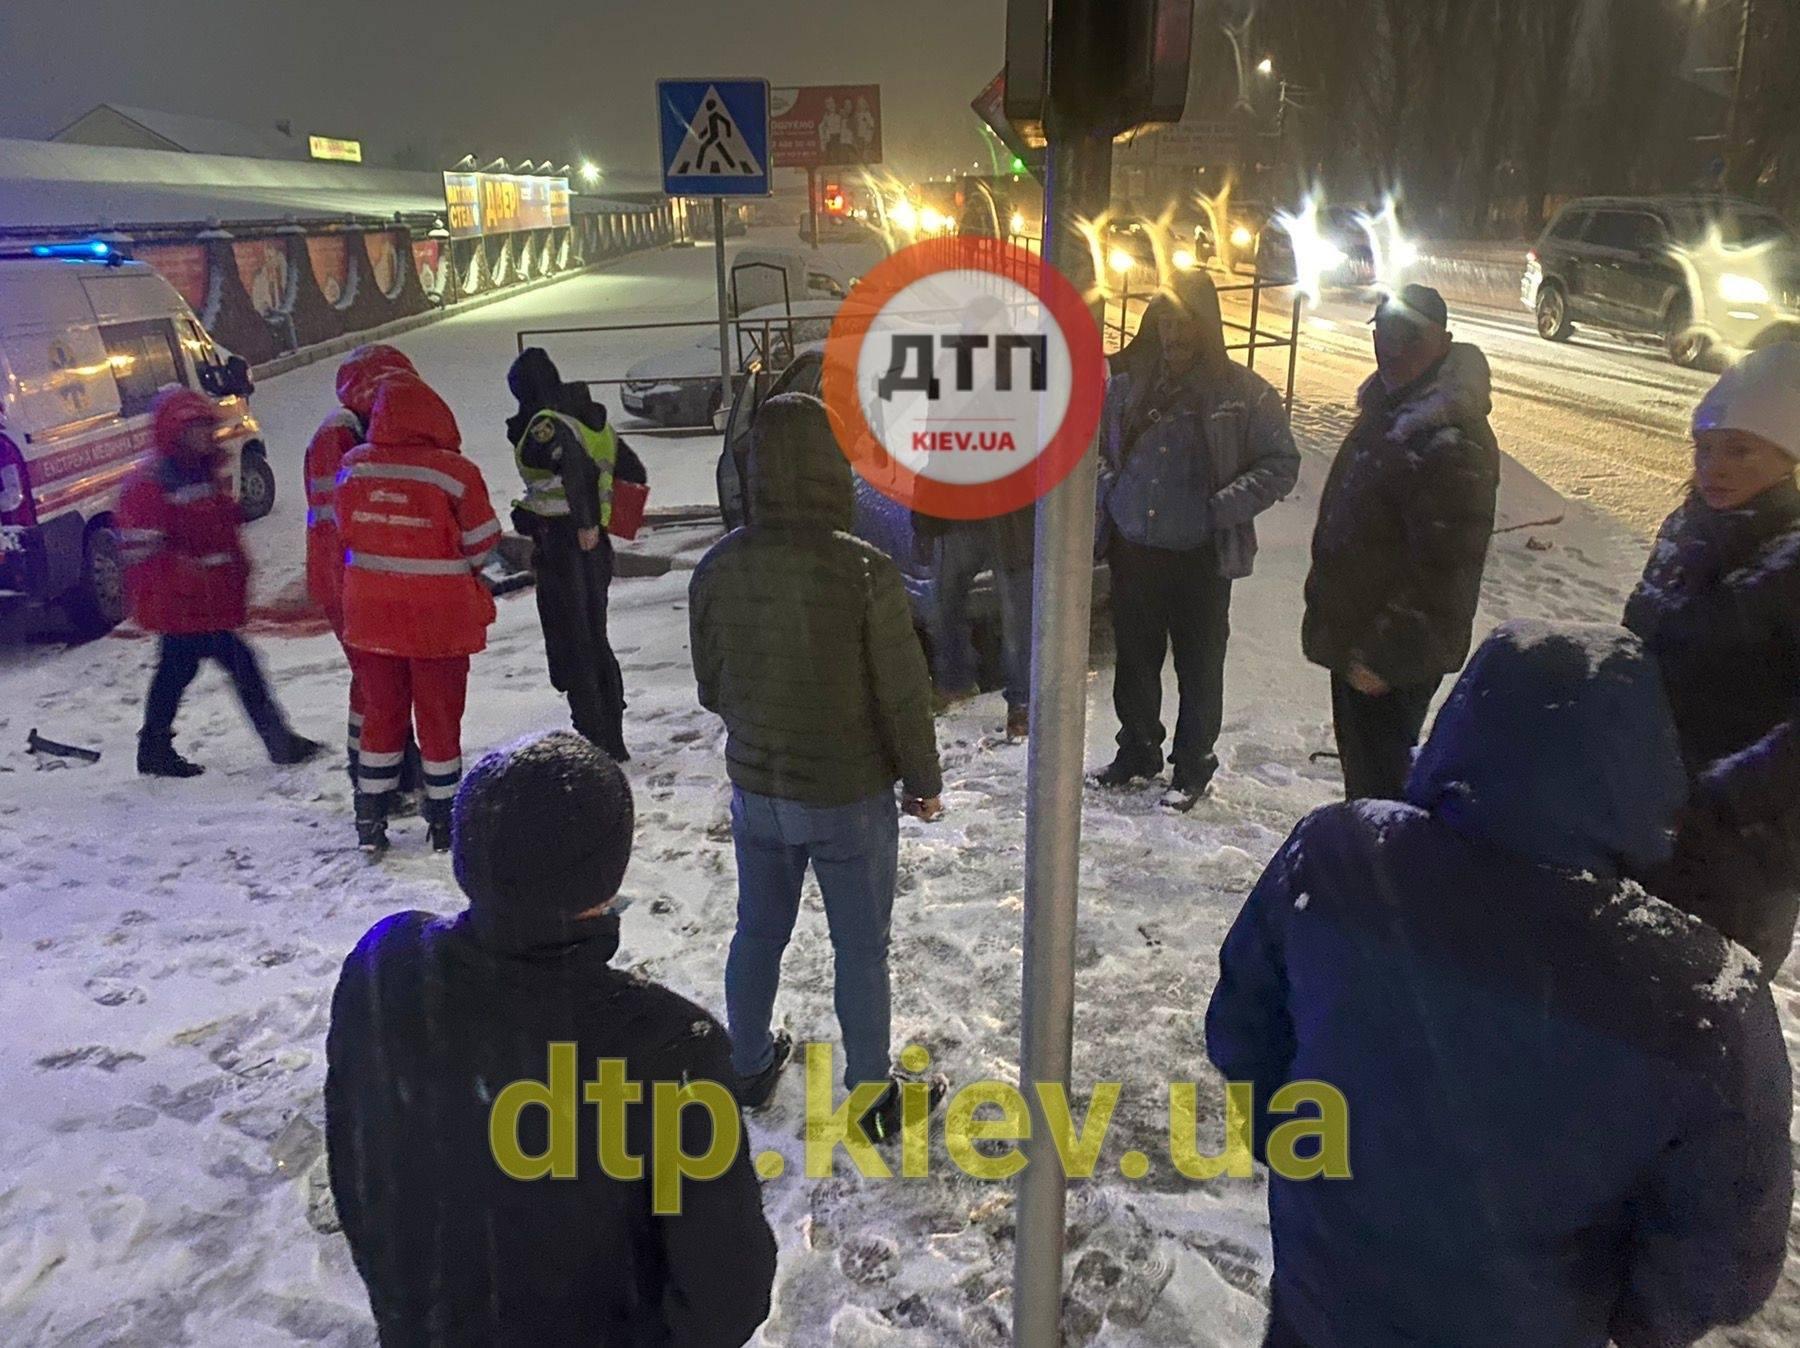 Оновлено: на Київщині водій насмерть збив жінку - Софіївська Борщагівка, смерть на дорозі, жінка - 138553752 1887587761407108 1039905836381035892 o